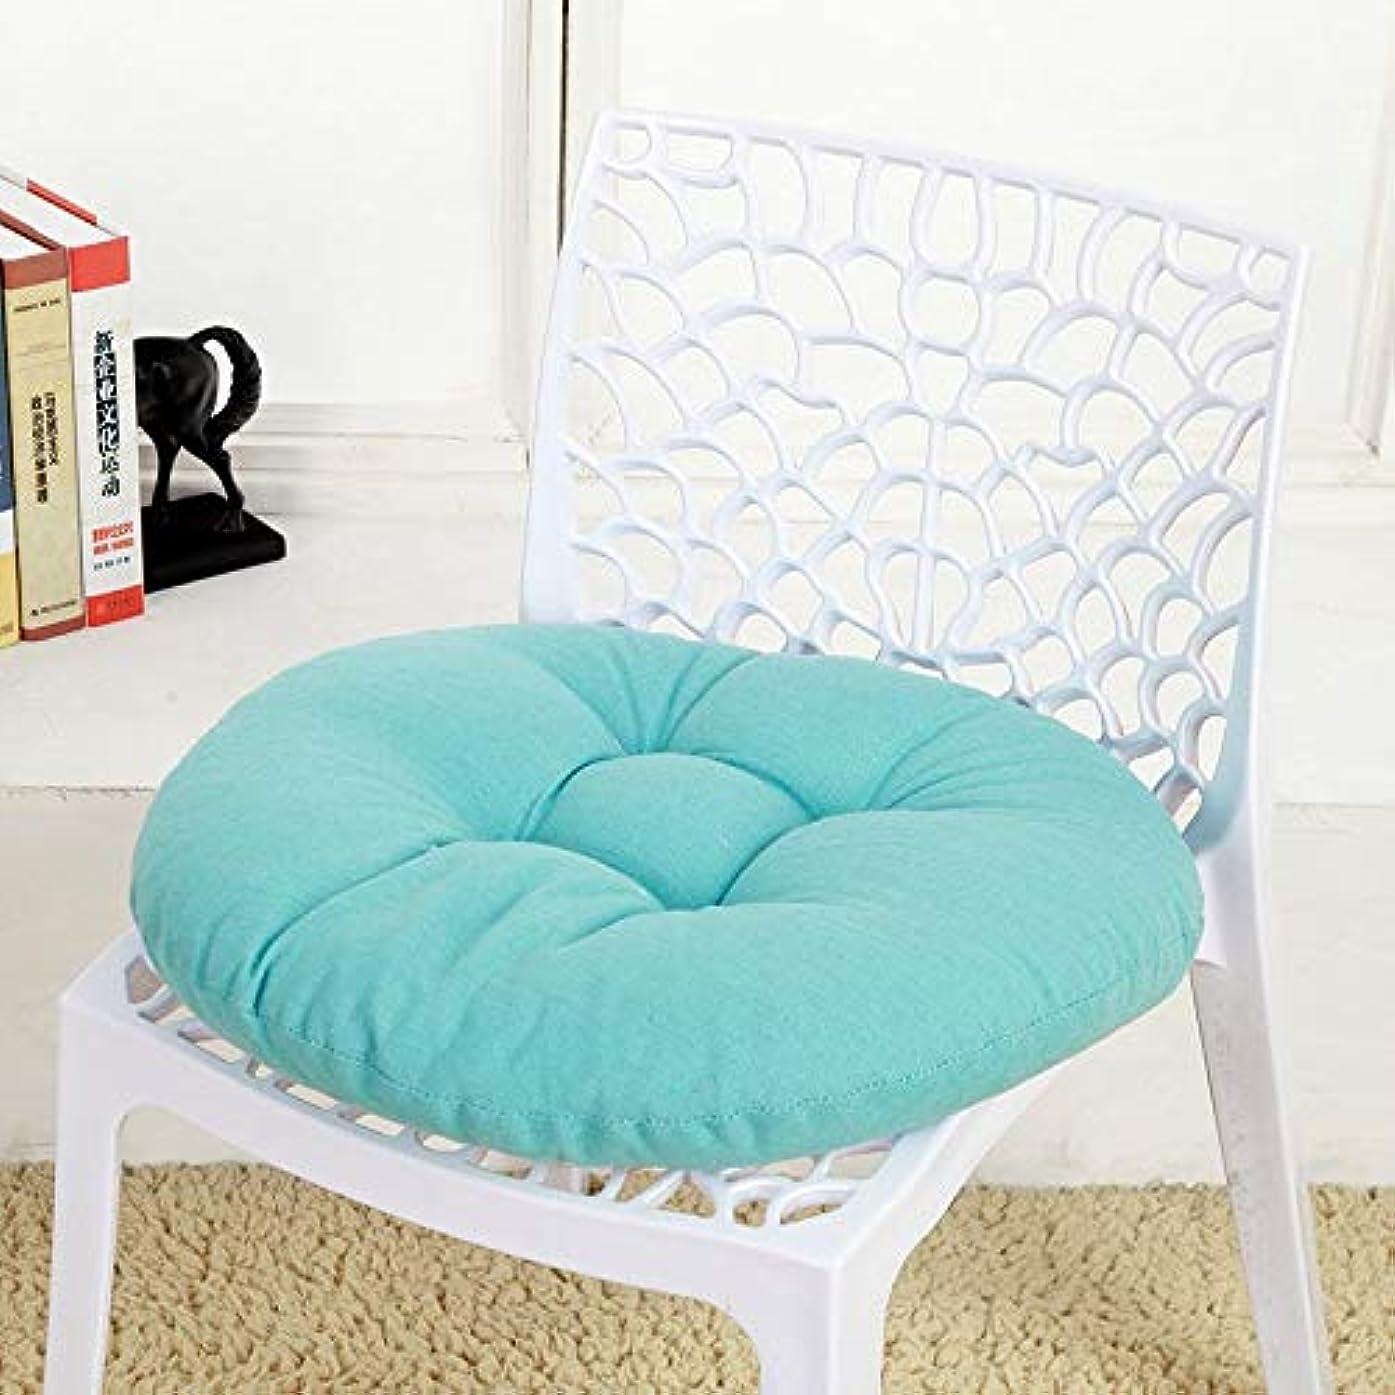 クランシーサラミ投げ捨てるLIFE キャンディカラーのクッションラウンドシートクッション波ウィンドウシートクッションクッション家の装飾パッドラウンド枕シート枕椅子座る枕 クッション 椅子